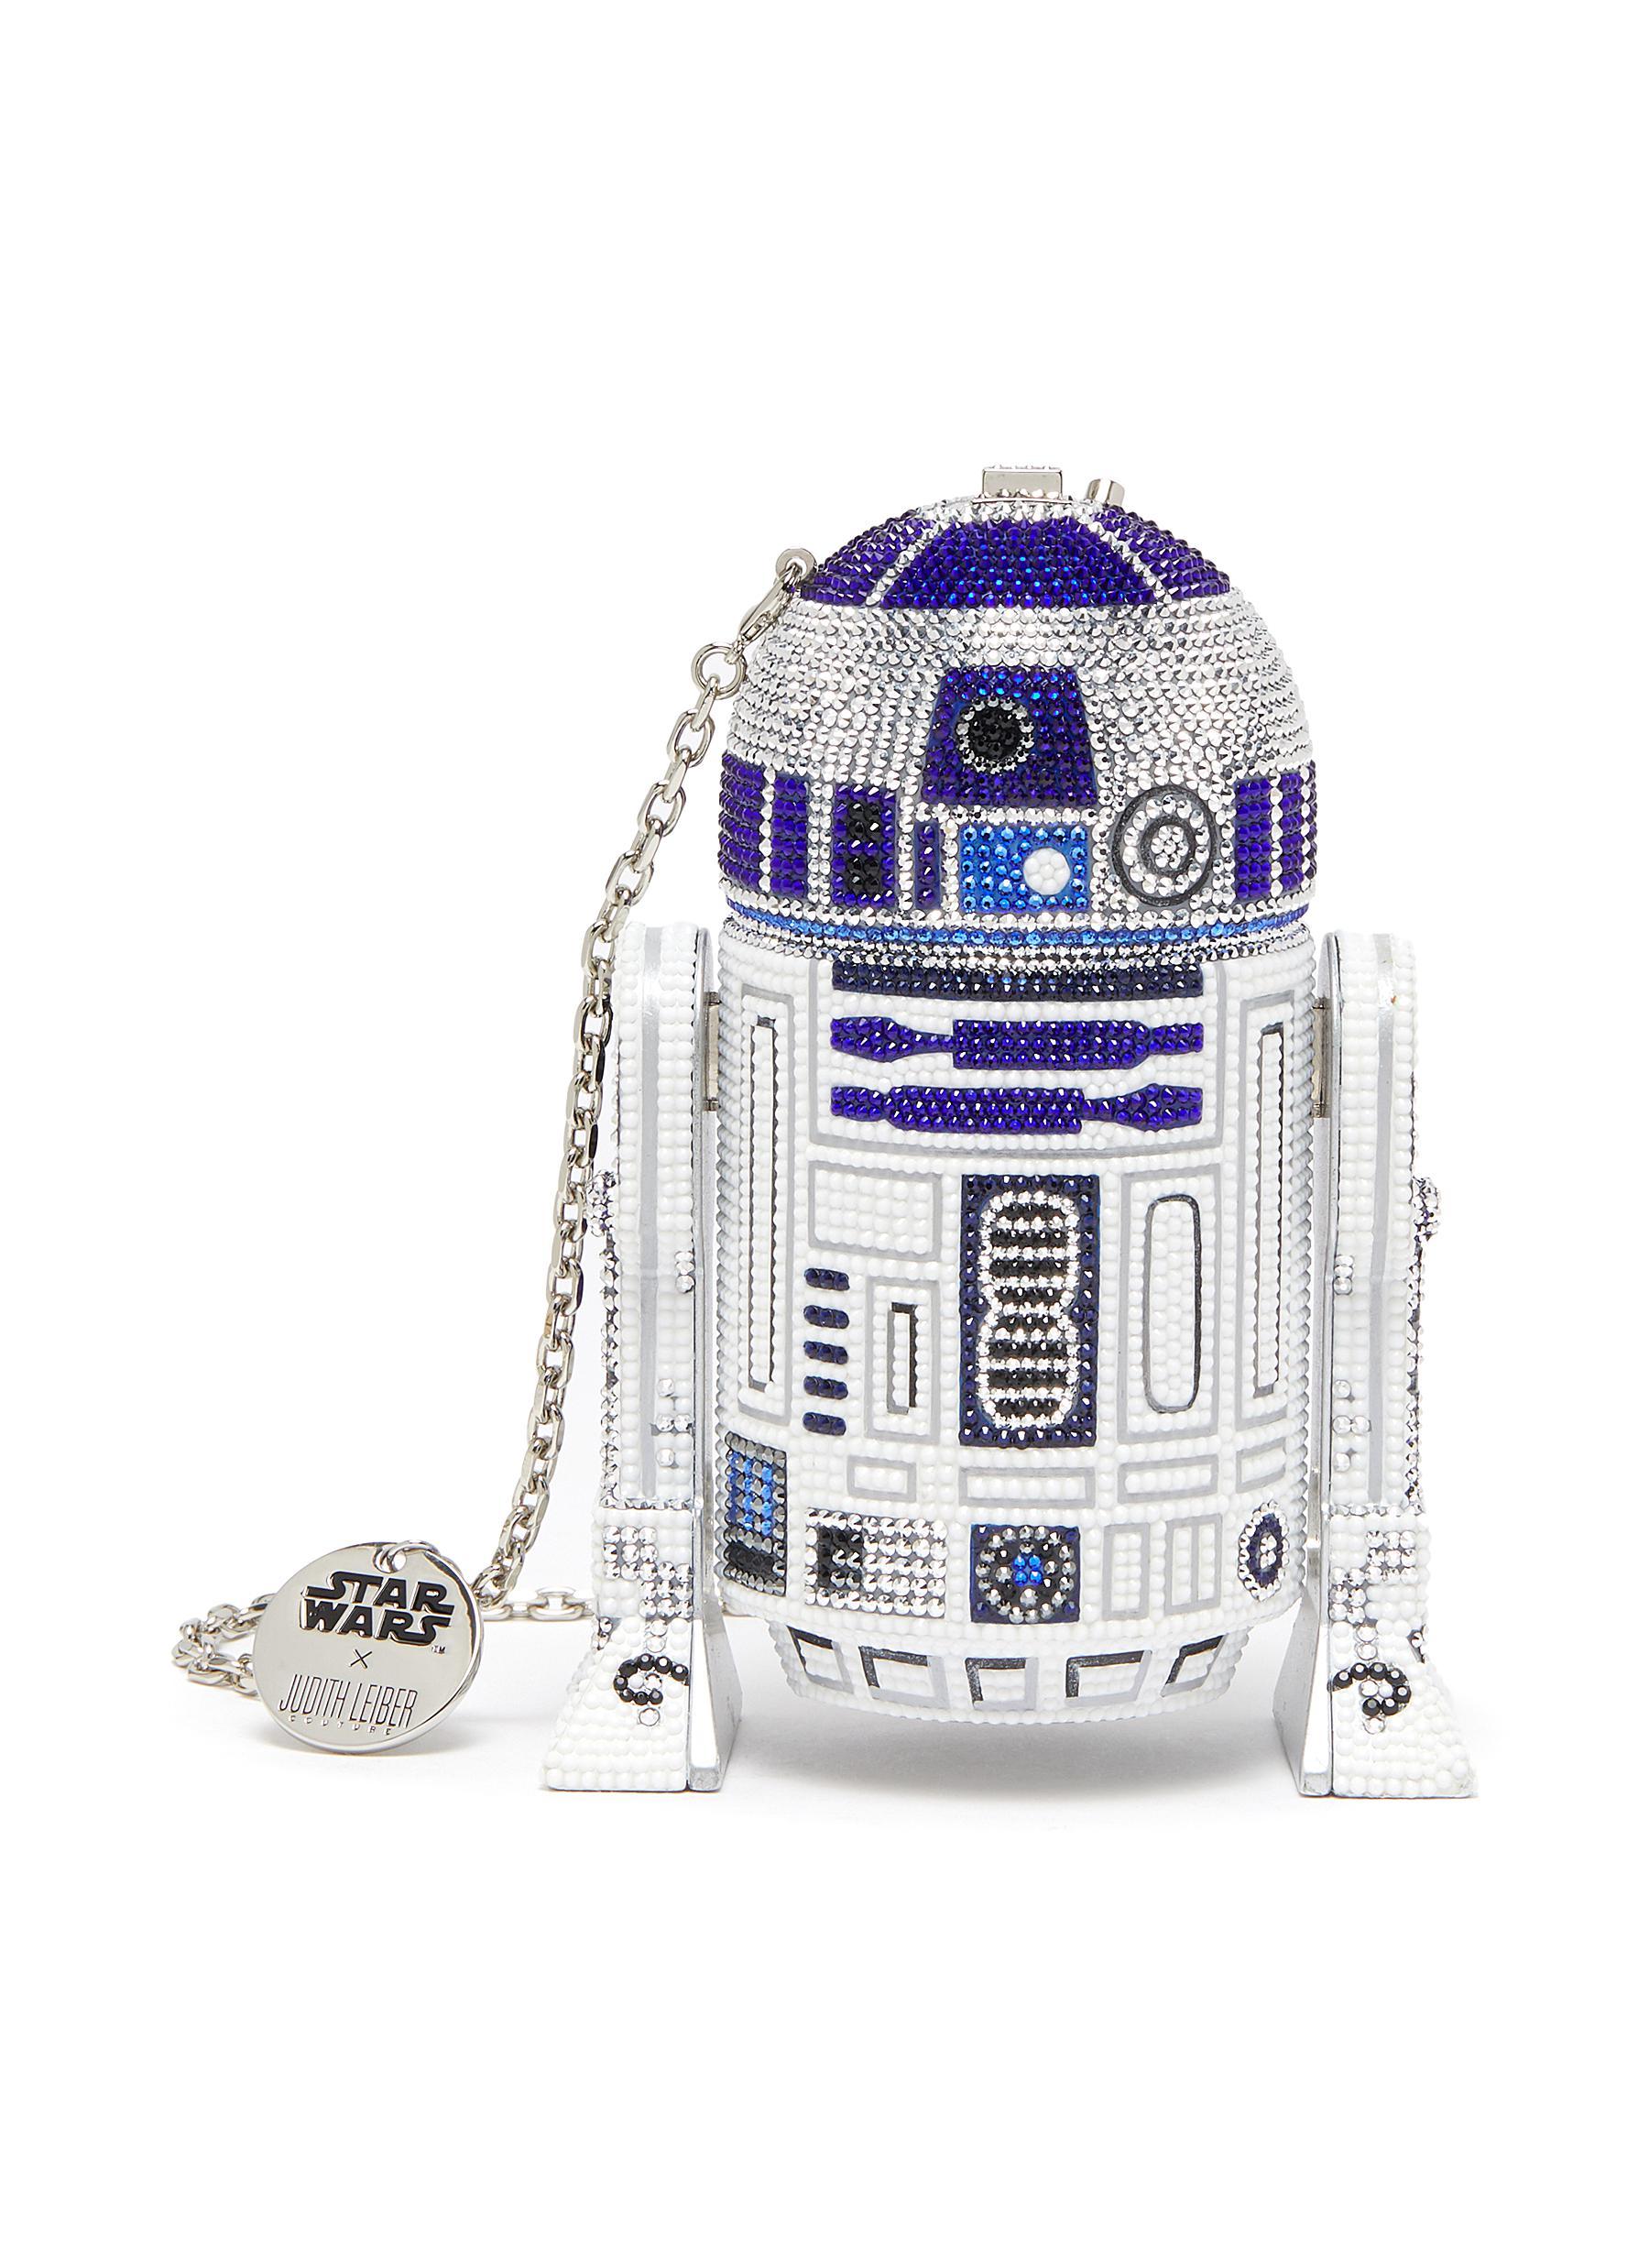 x Star Wars 'R2D2 Original' Crystal Embellished Bag